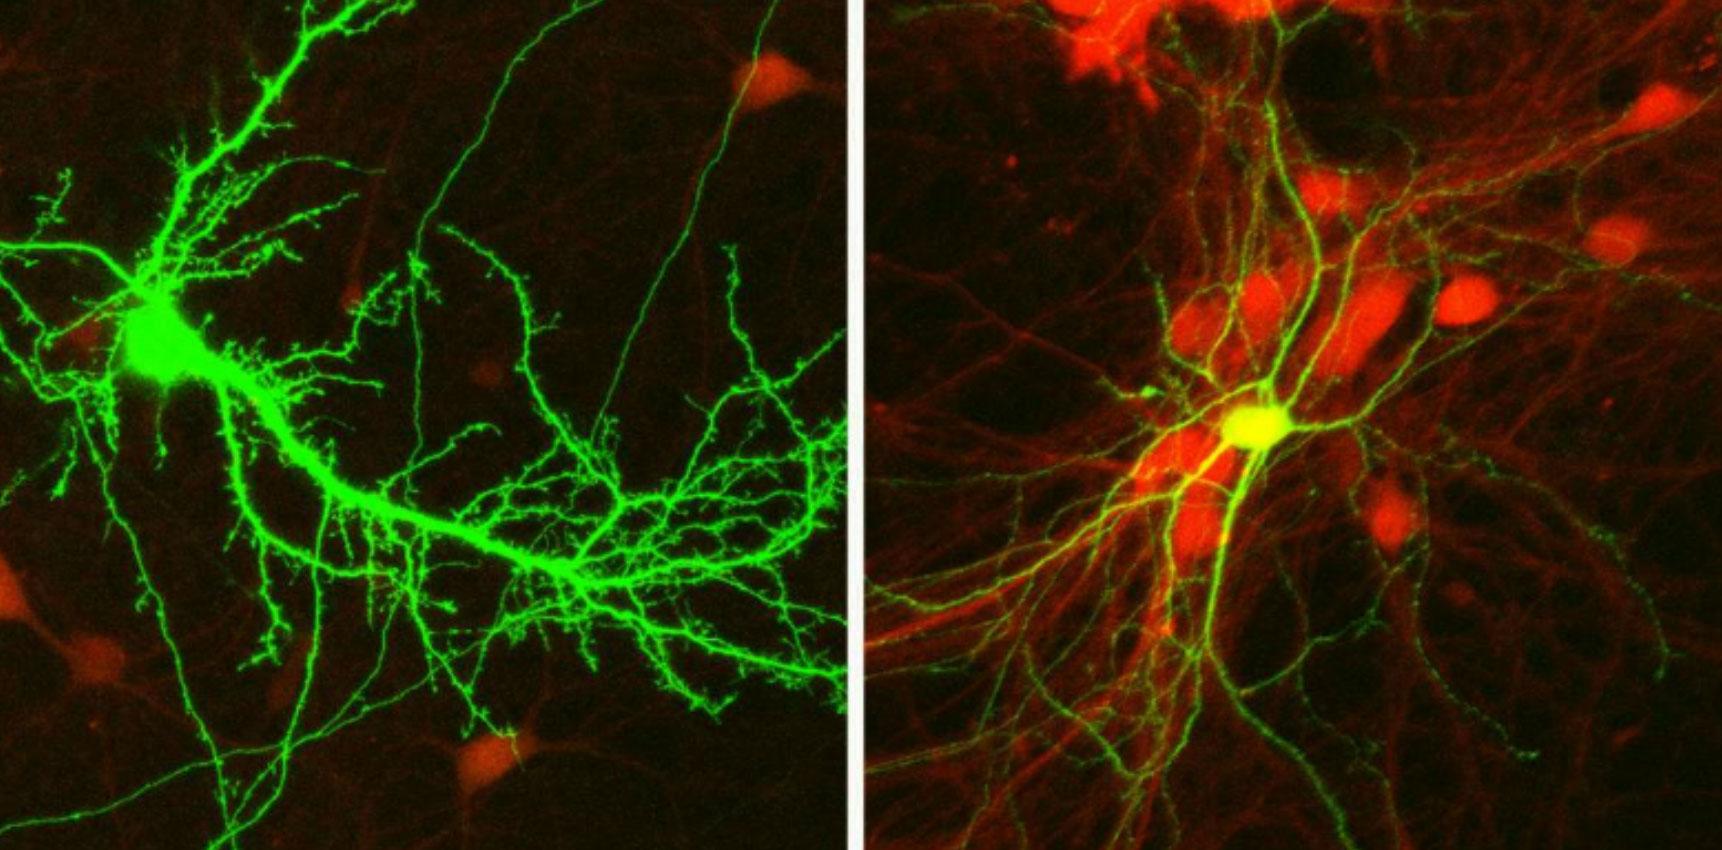 Des neurones de souris – excitateurs (à gauche) et inhibiteurs (à droite) – vus sous un microscope